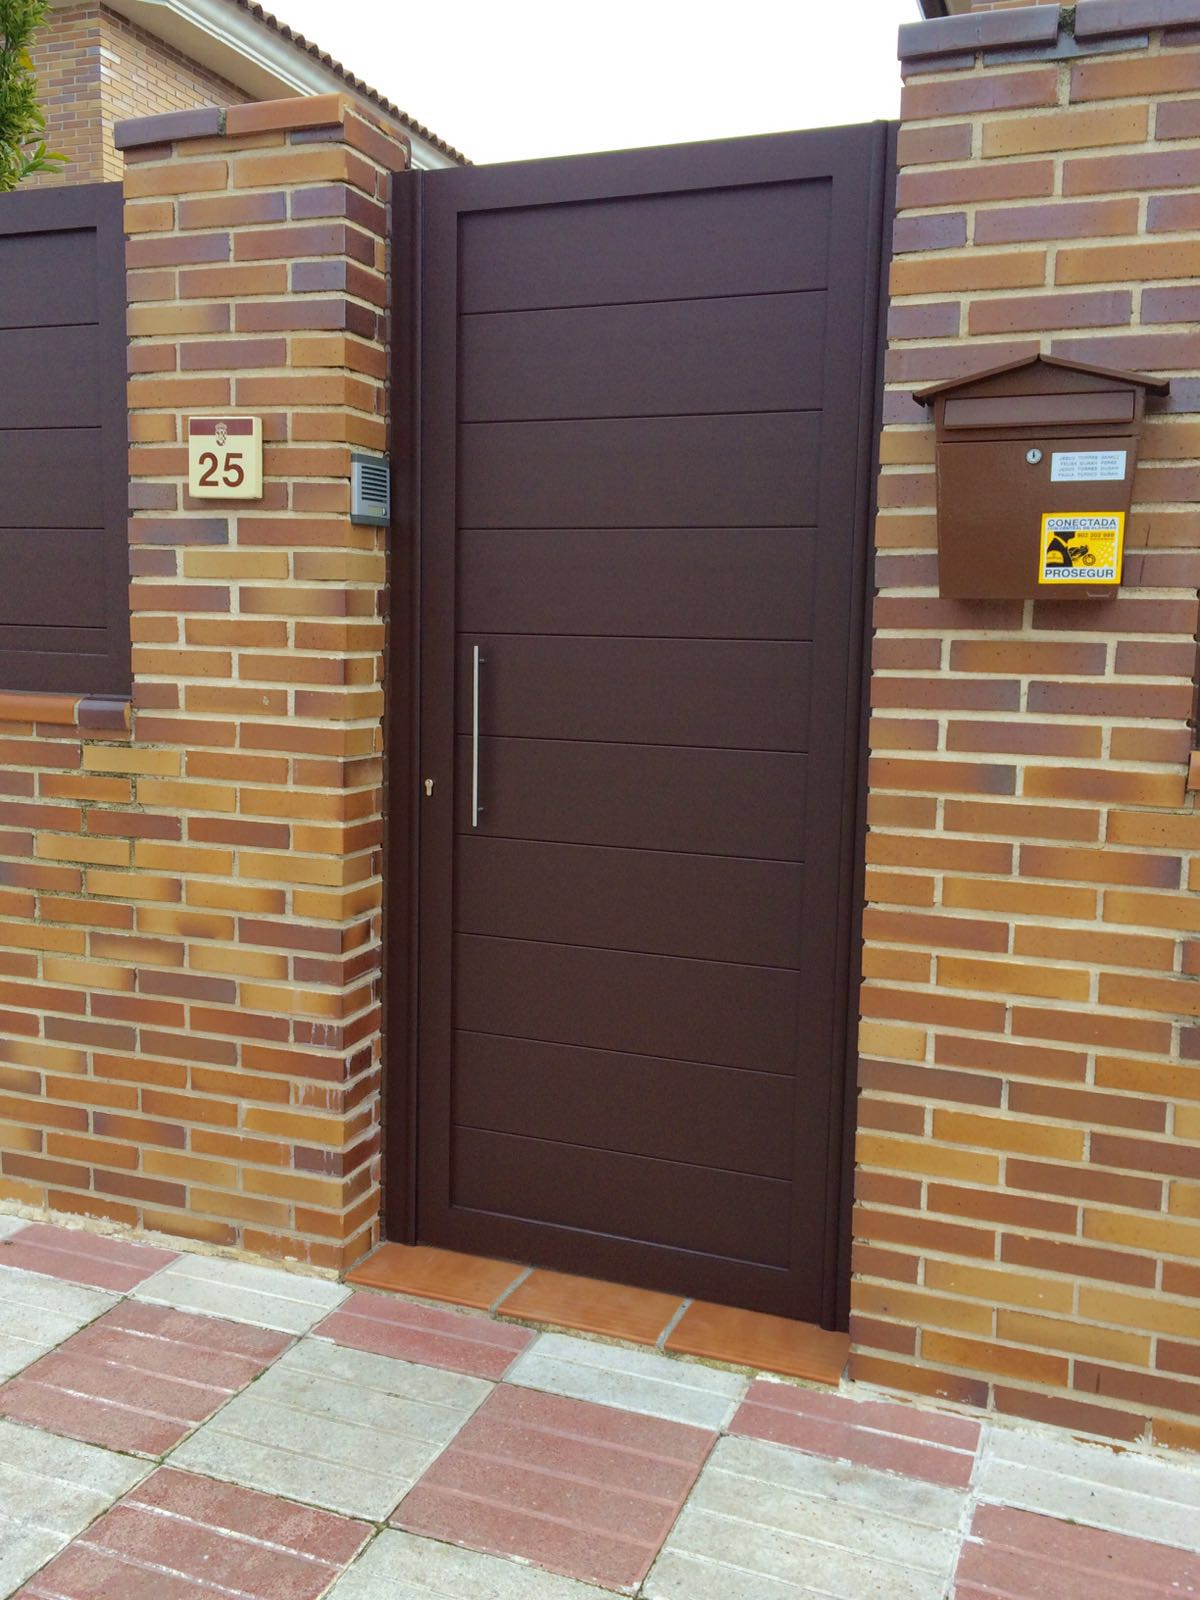 Puertas de aluminio para exterior modelo gri on - Puerta exterior aluminio precio ...